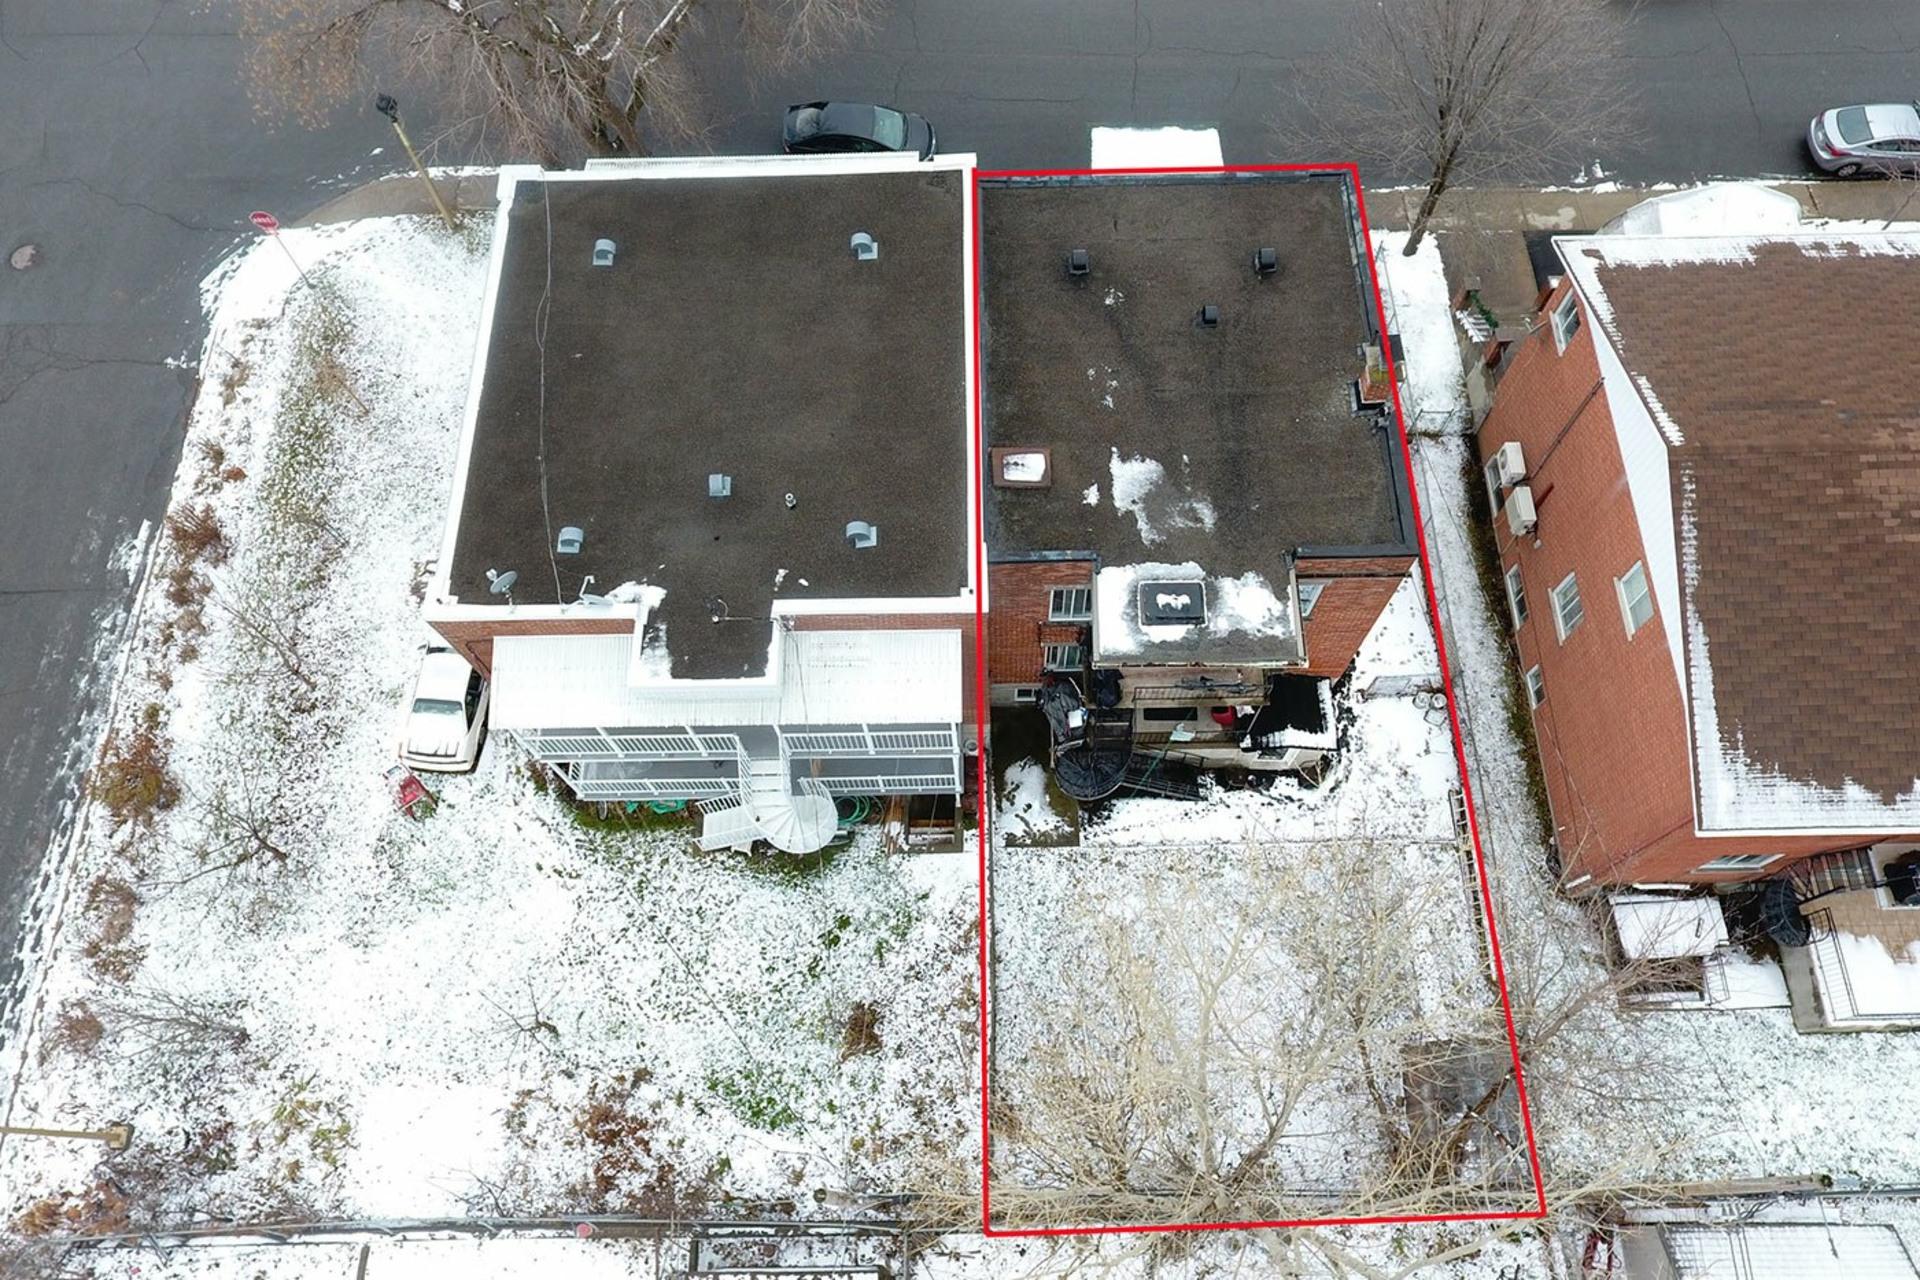 image 39 - Duplex For sale Rivière-des-Prairies/Pointe-aux-Trembles Montréal  - 4 rooms